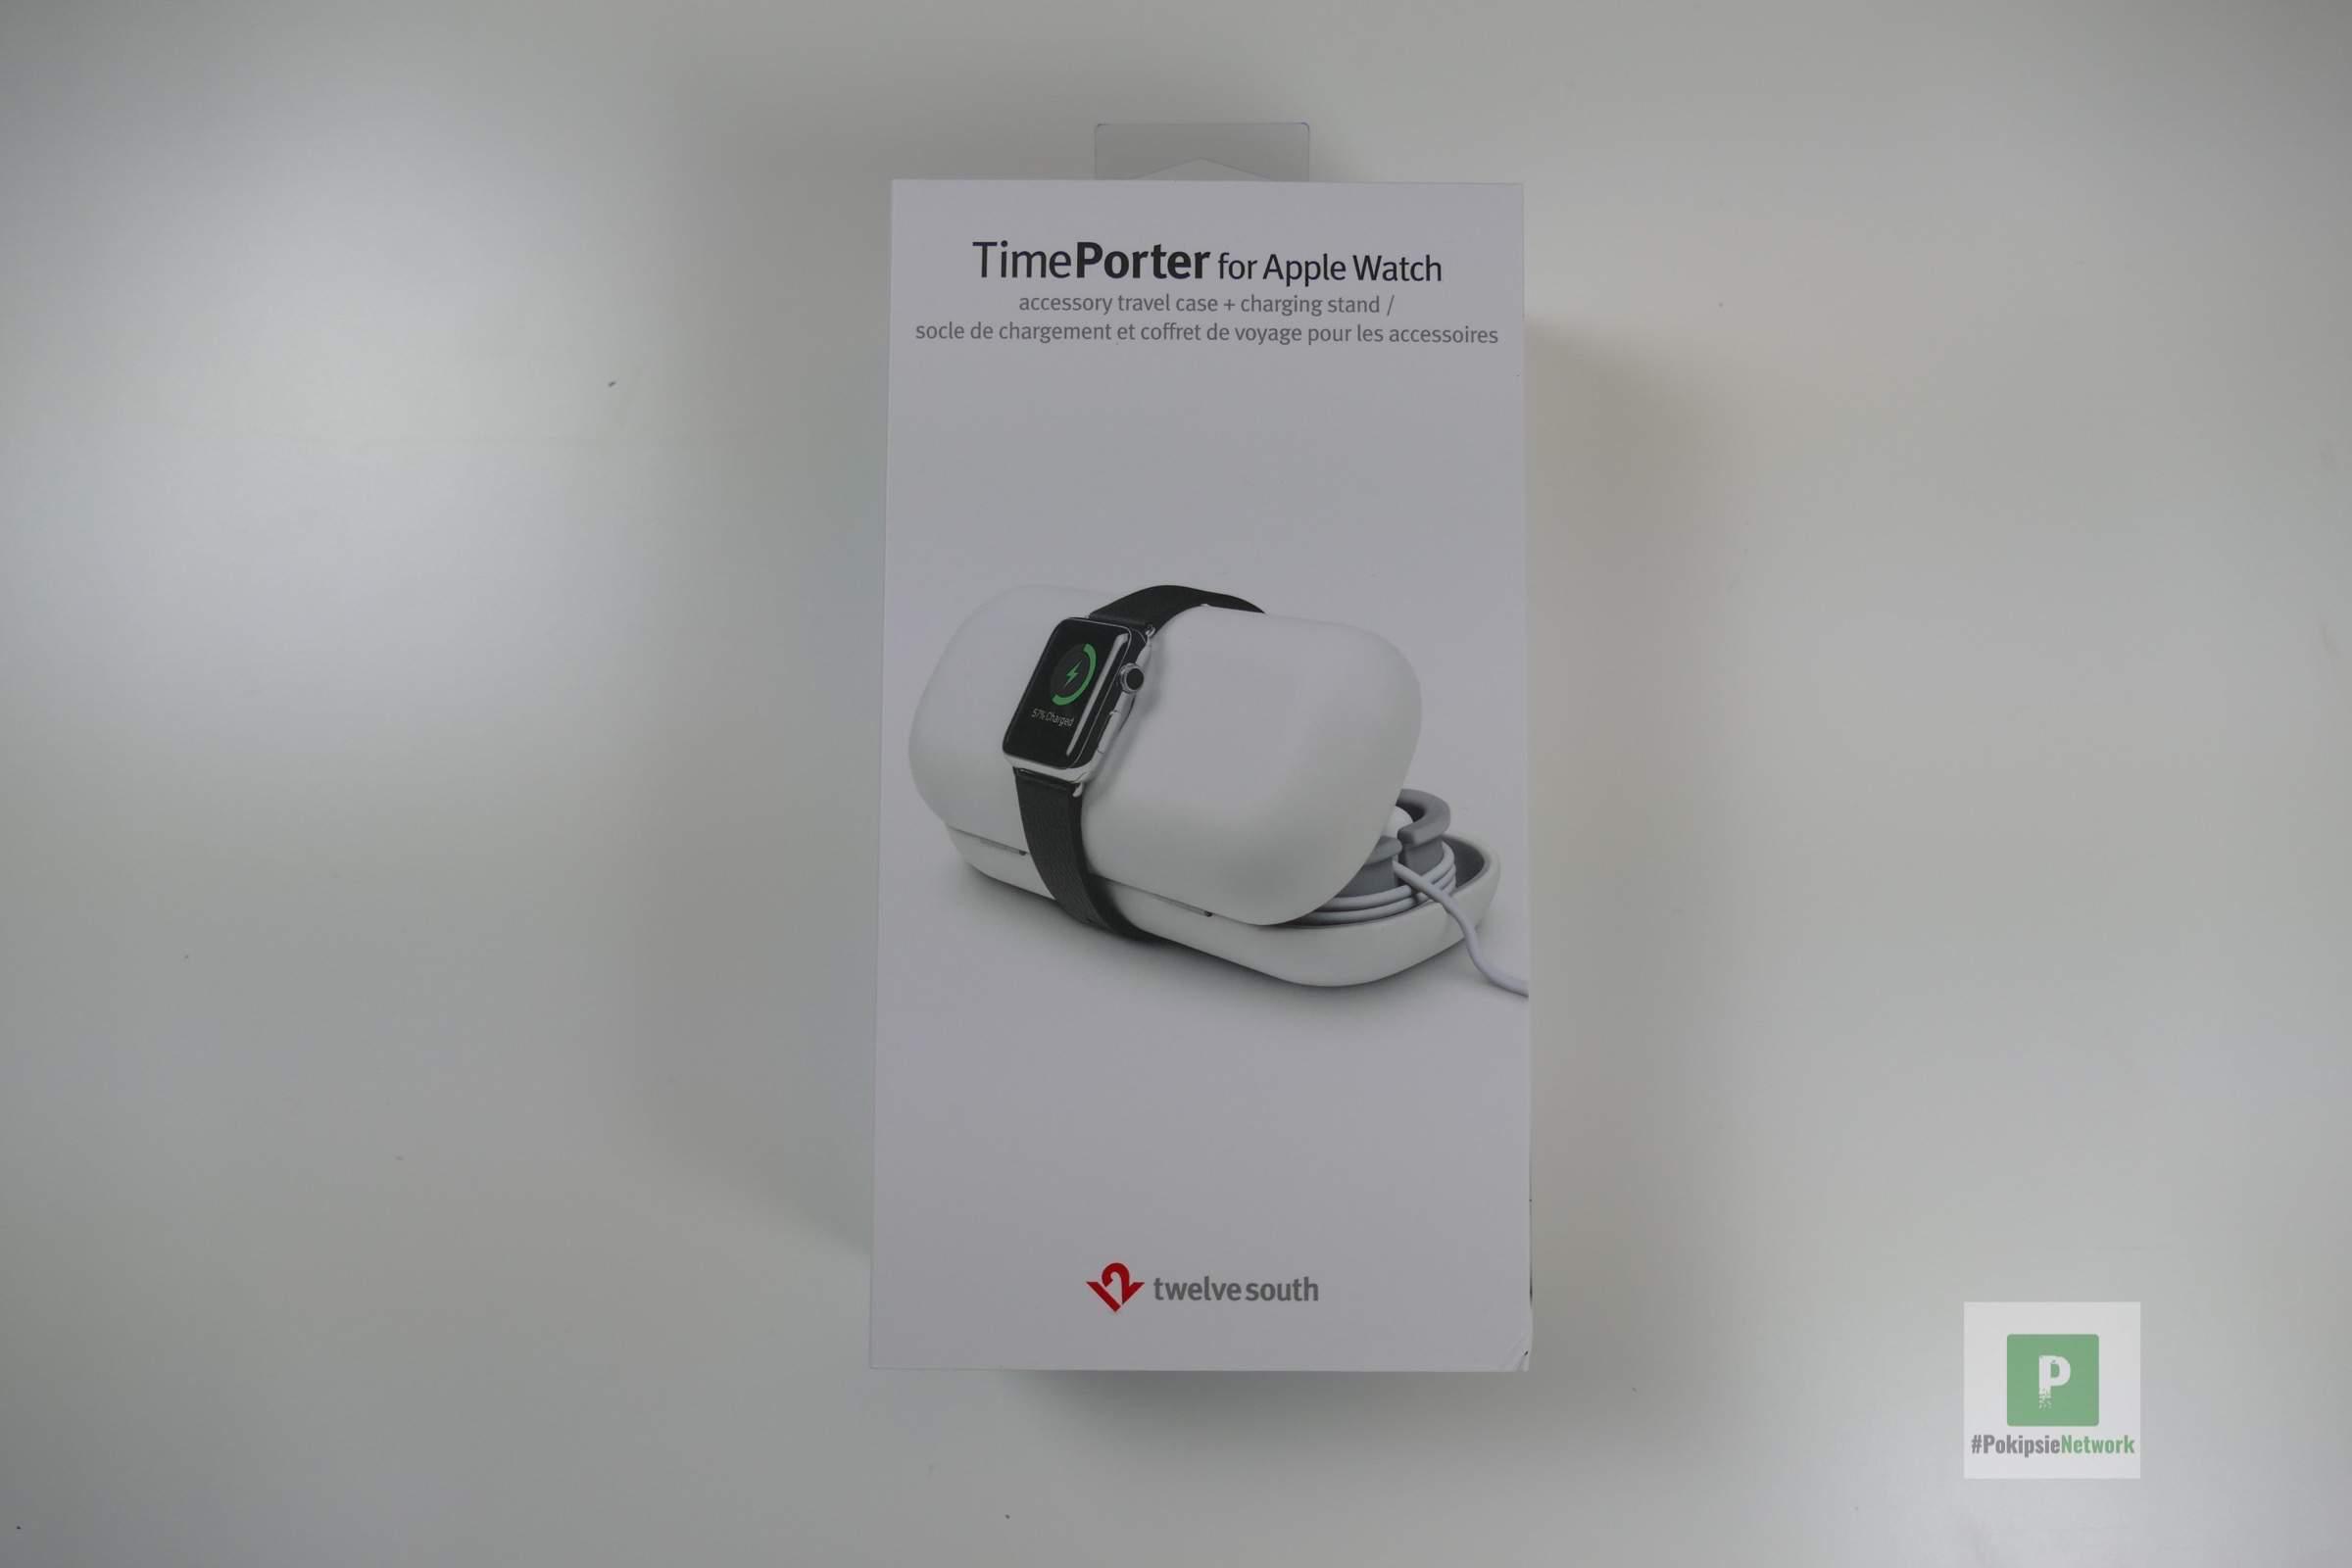 timeporter das reiseetui f r die apple watch von twelve south testbericht pokipsie 39 s. Black Bedroom Furniture Sets. Home Design Ideas